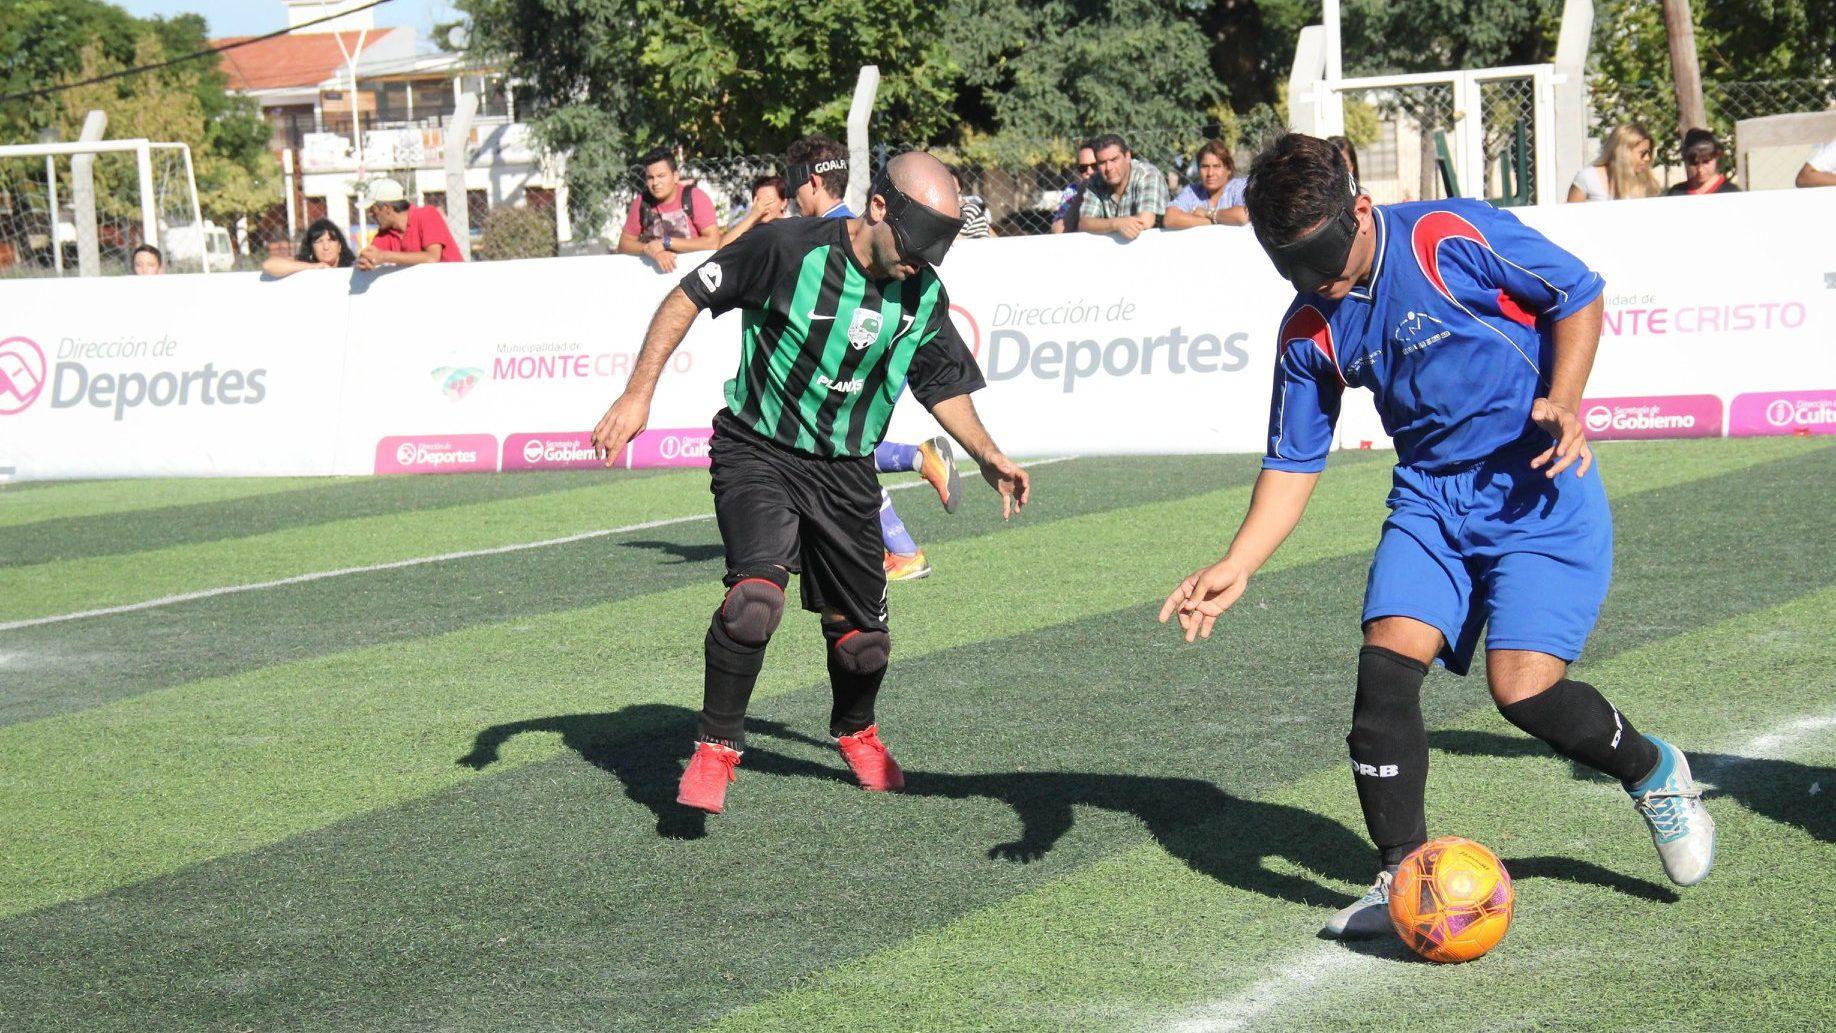 Imagen: Guerreros y Guerreros B disputan la pelota